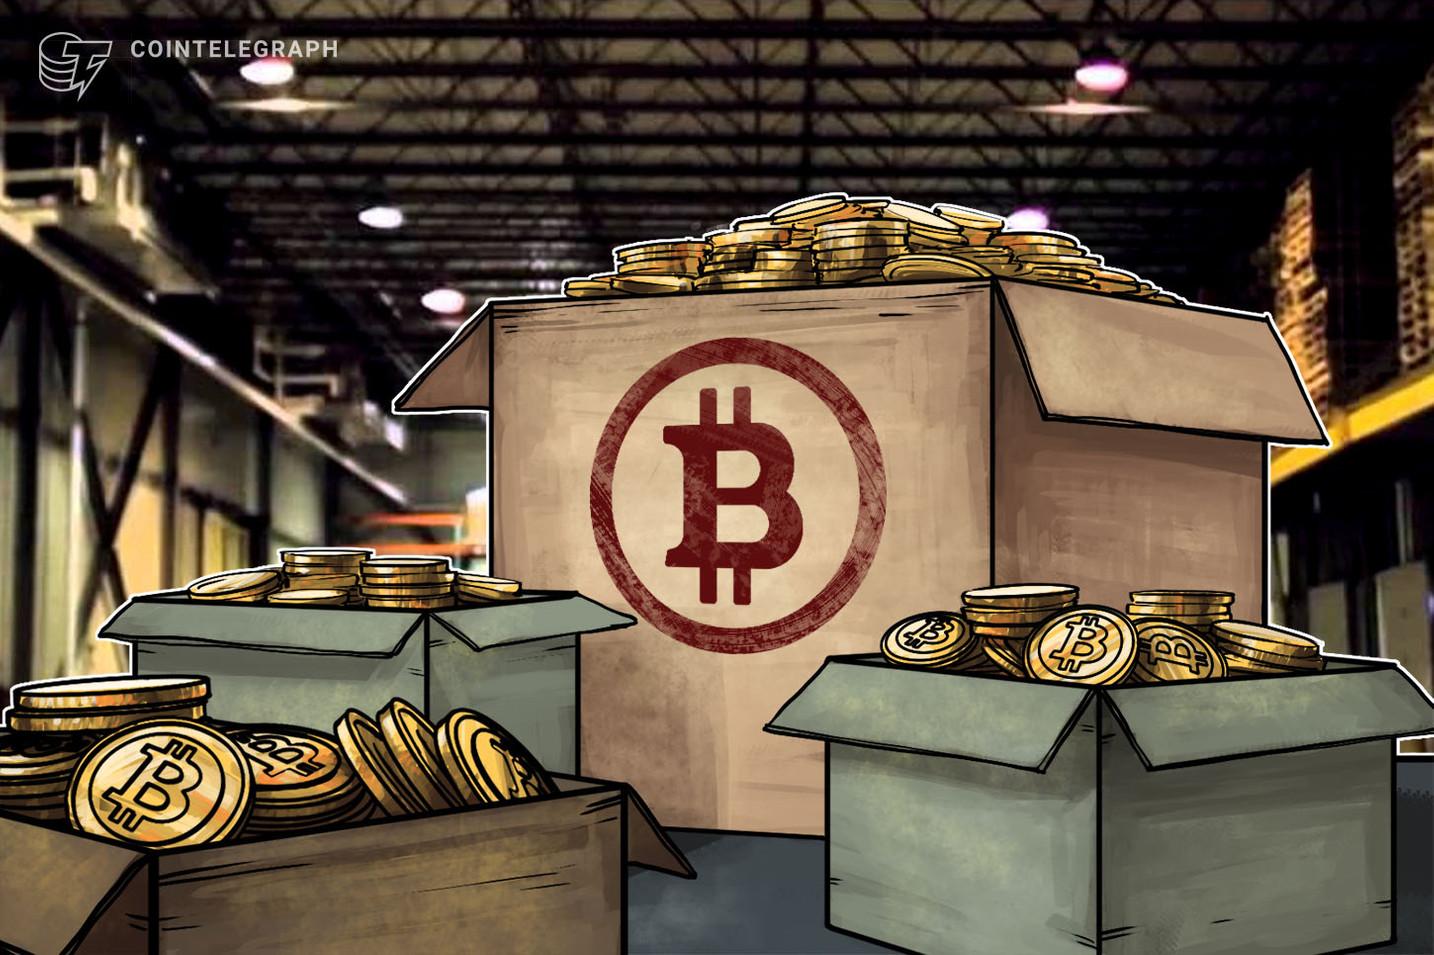 Carteiras com menos de 1 BTC representam apenas 5% da capitalização de mercado do Bitcoin